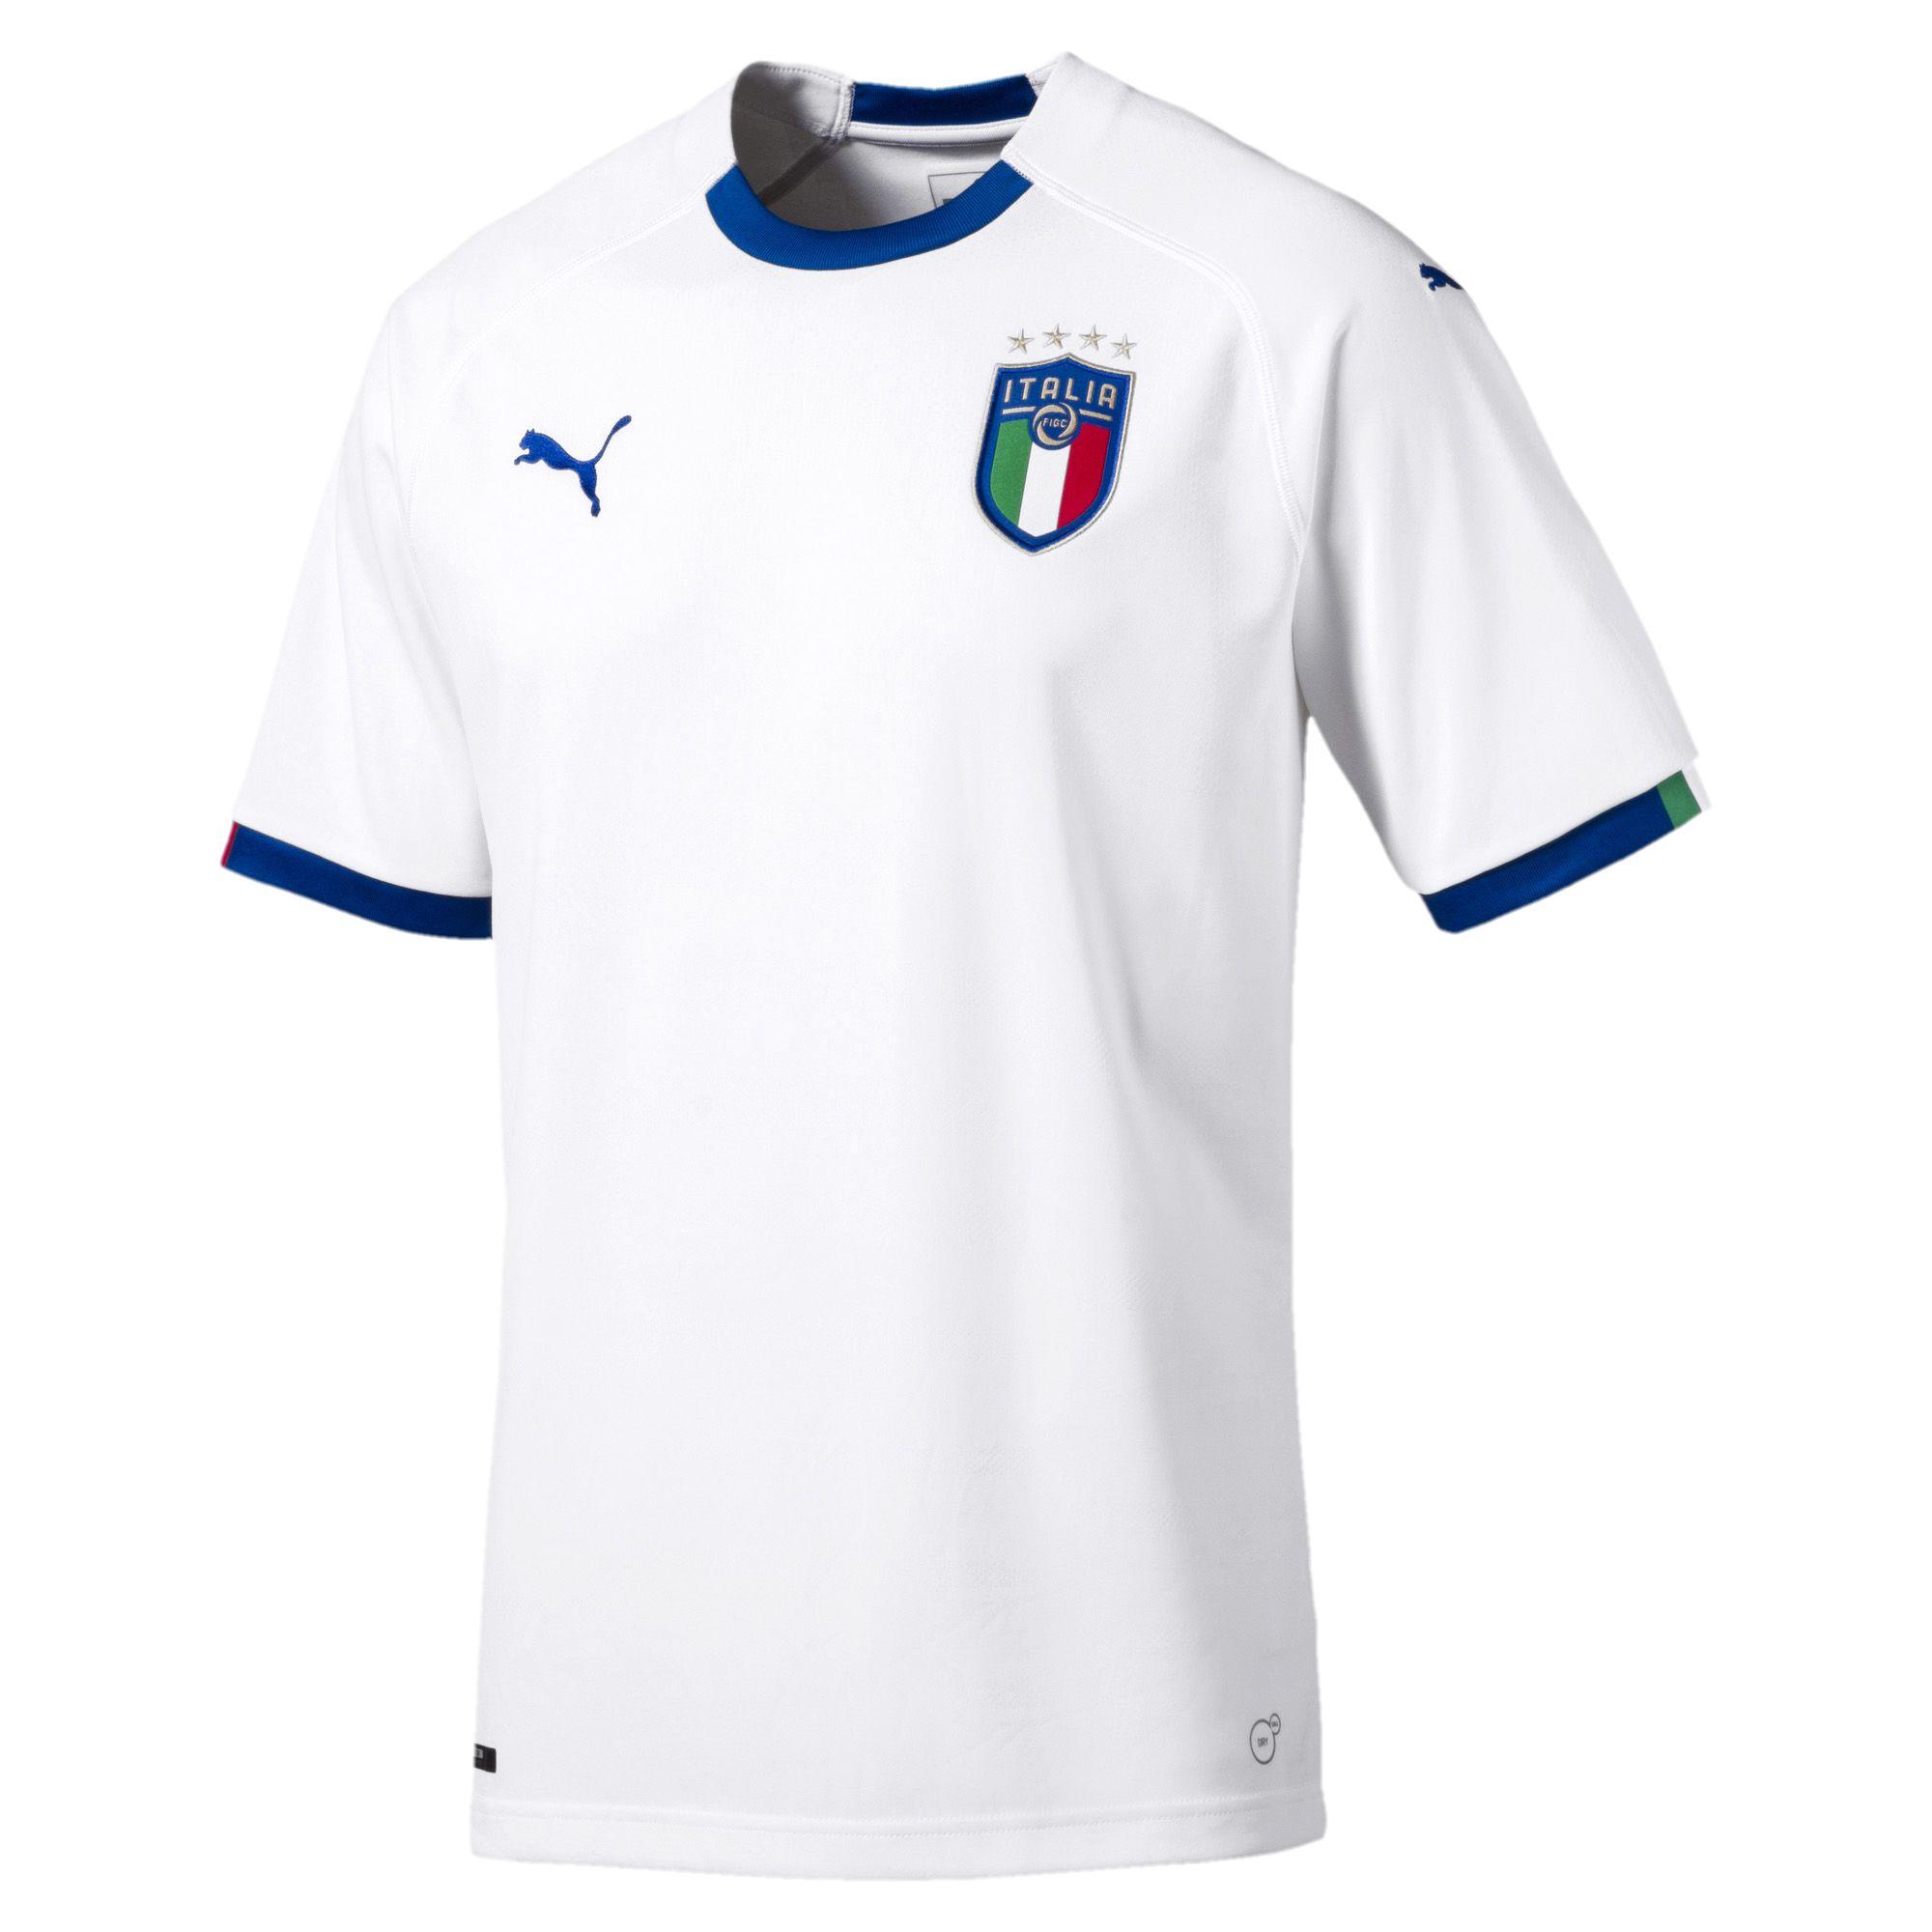 Italien Fussball Fanshirt Fan Shirt Tshirt Fanartikel Artikel Frauen Damen T-Shirts